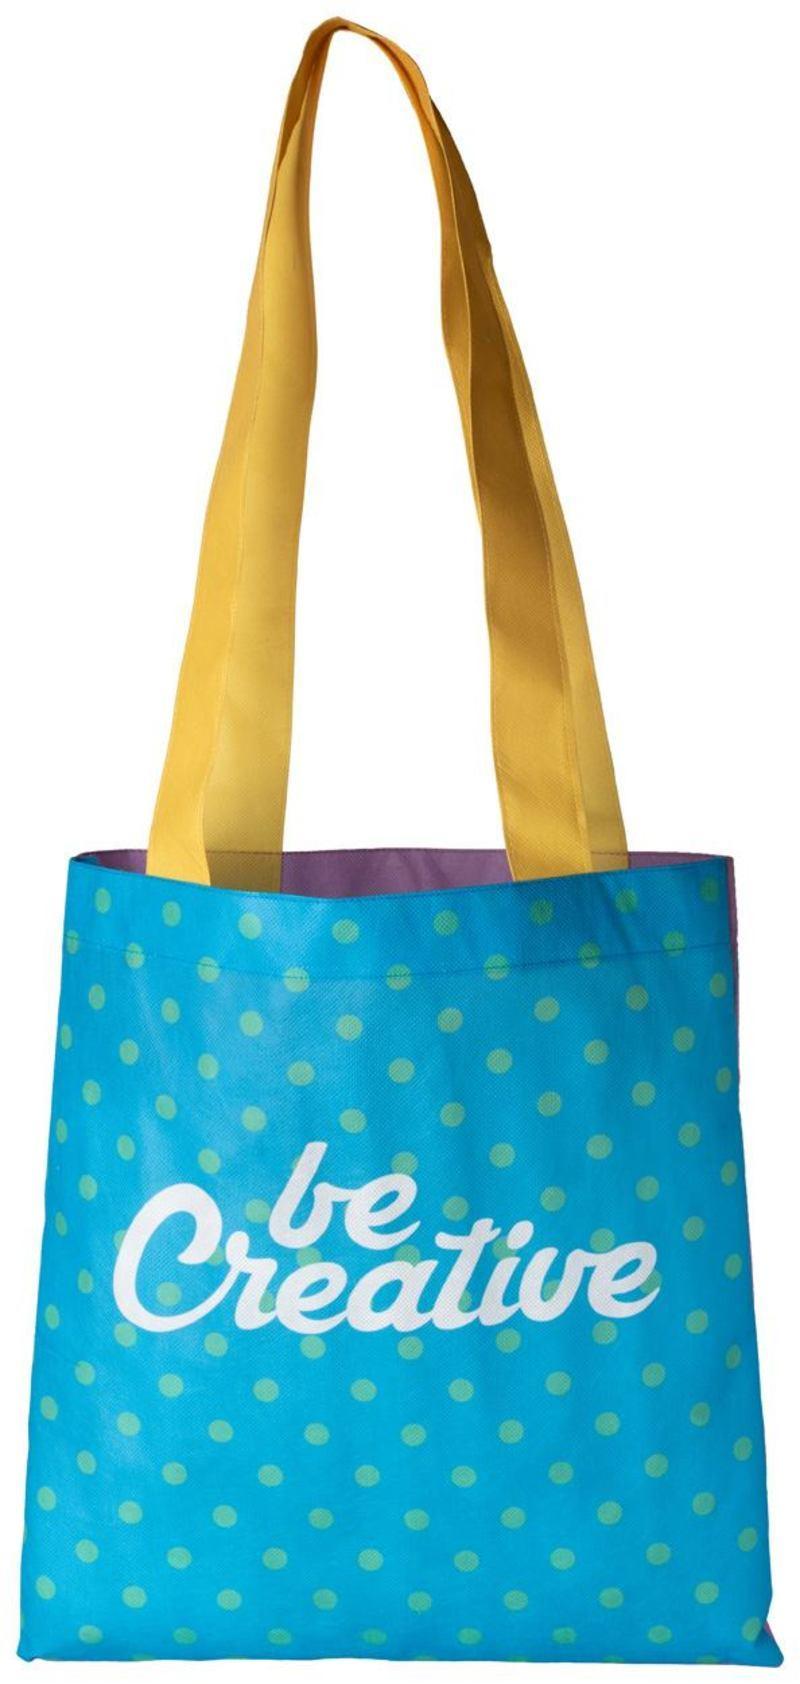 SuboShop A custom non-woven shopping bag